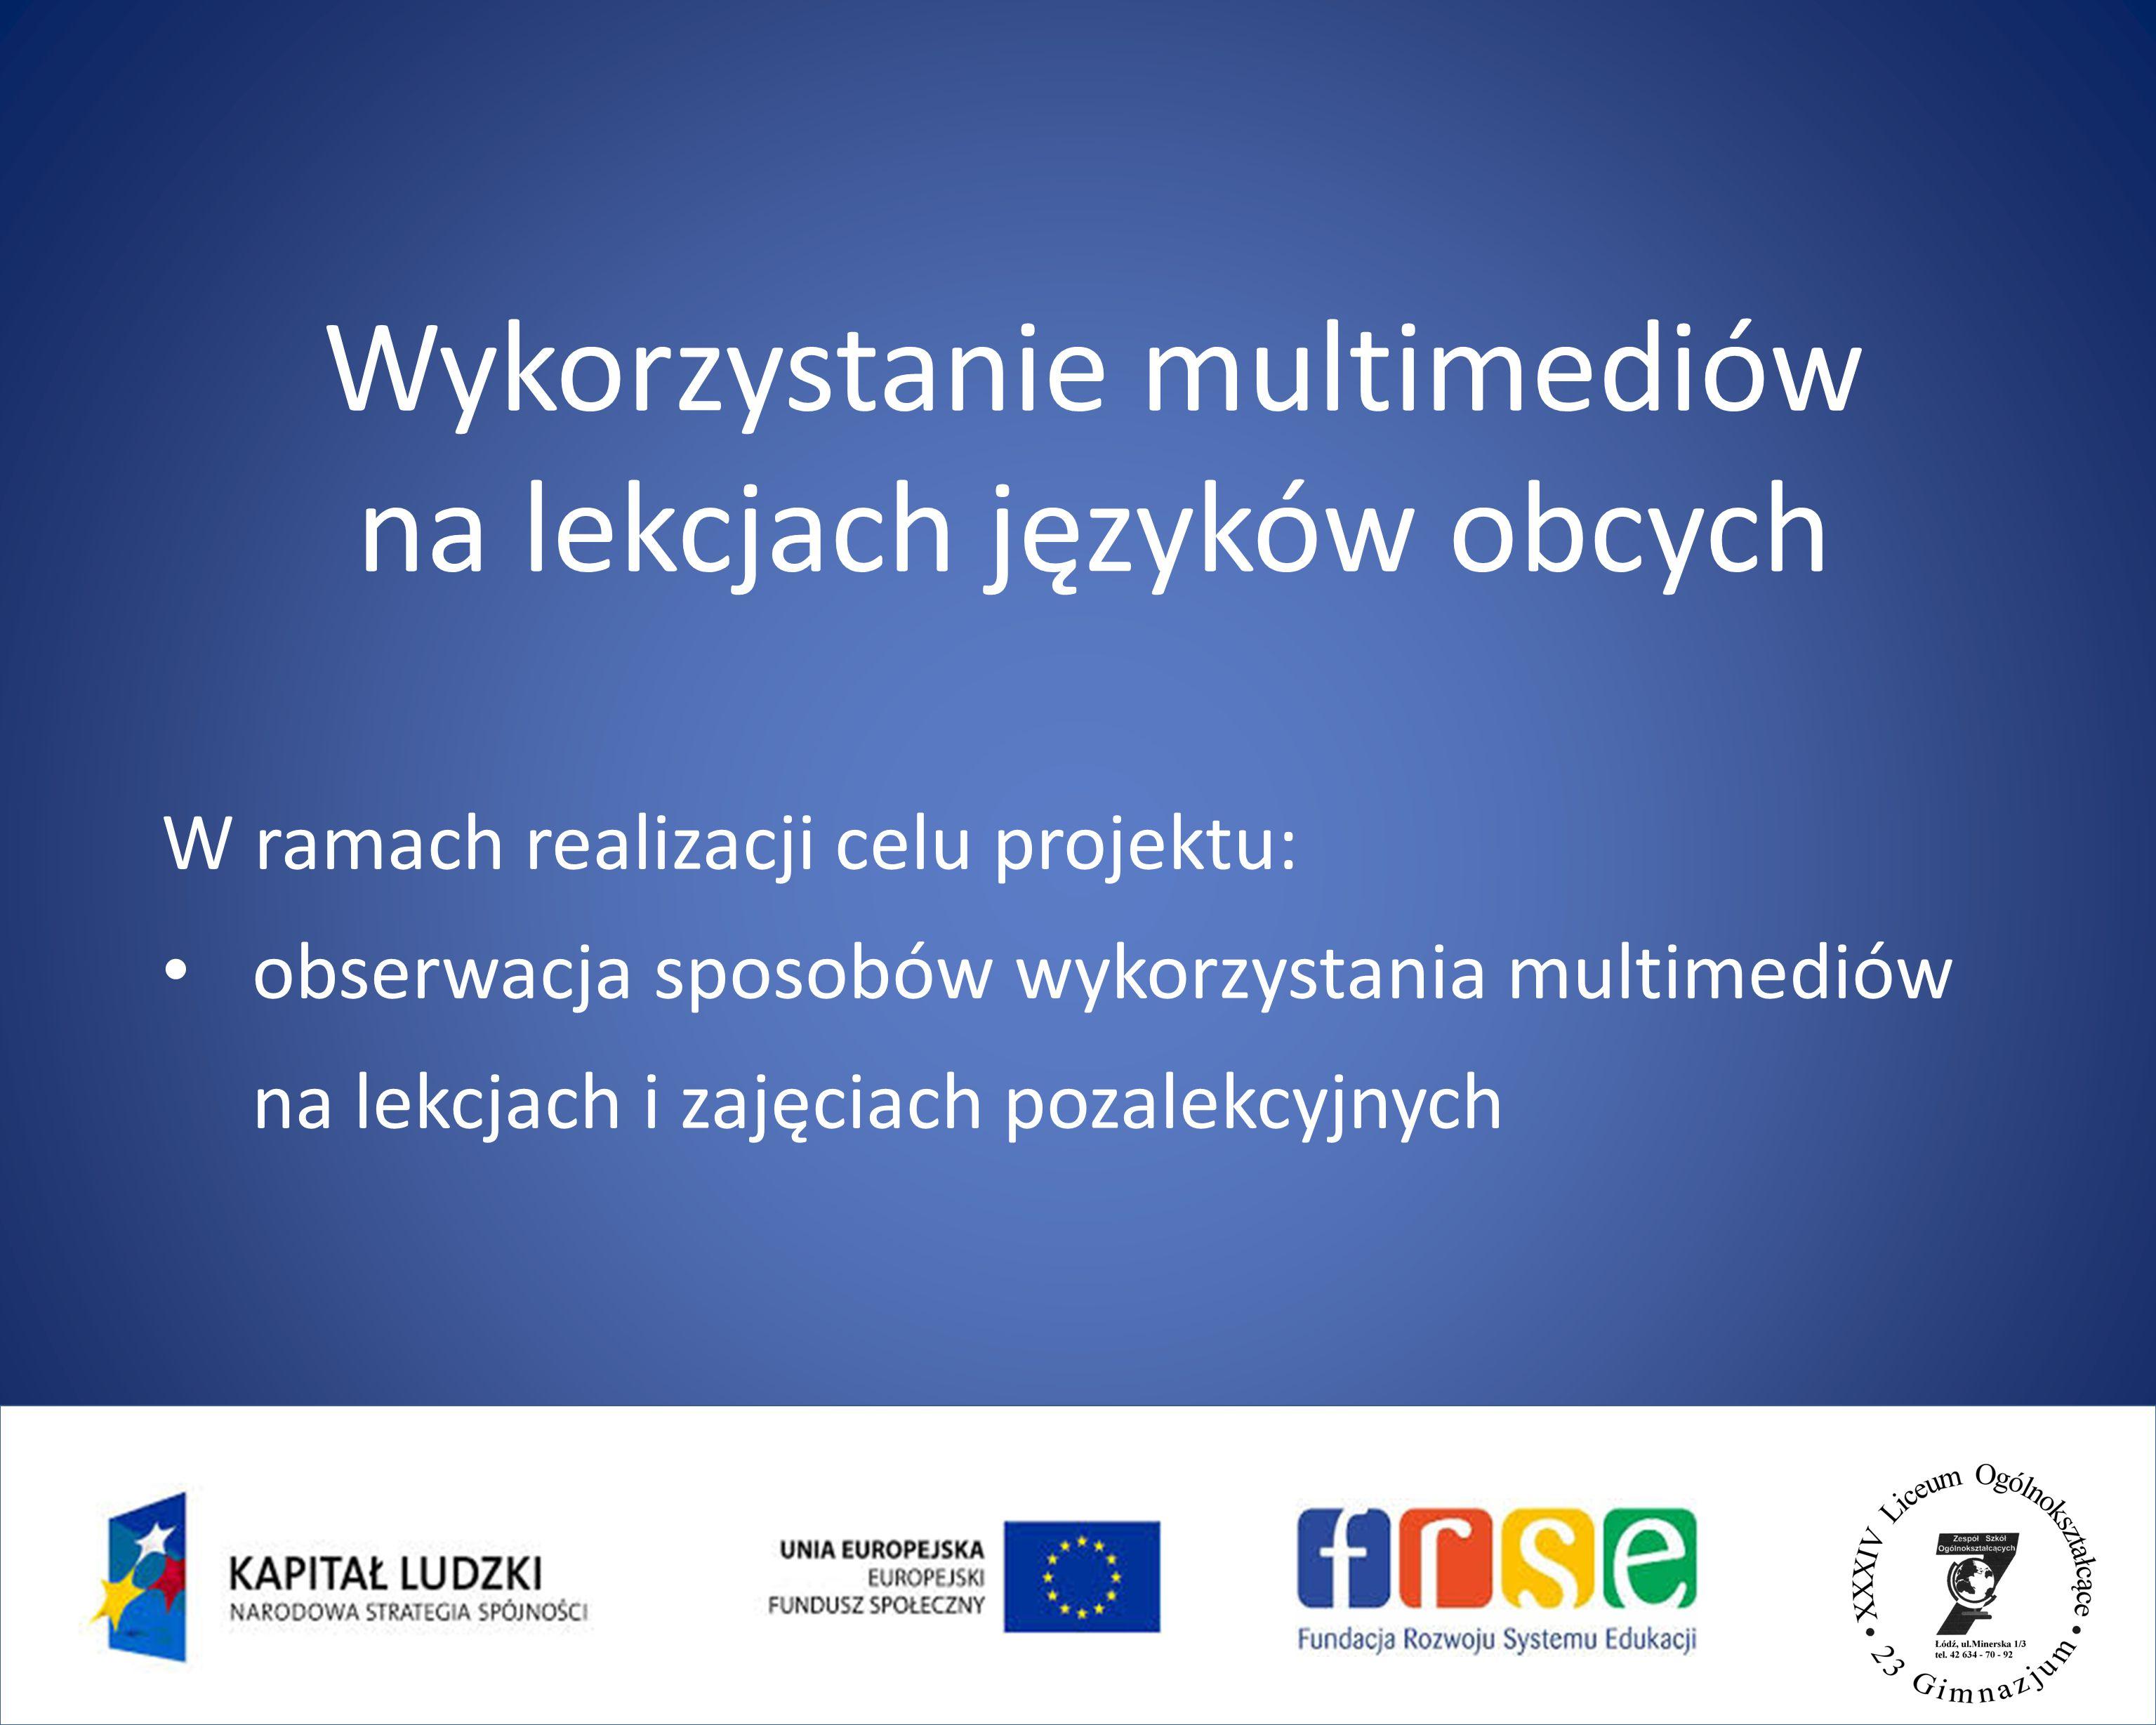 W ramach realizacji celu projektu: obserwacja sposobów wykorzystania multimediów na lekcjach i zajęciach pozalekcyjnych Wykorzystanie multimediów na lekcjach języków obcych